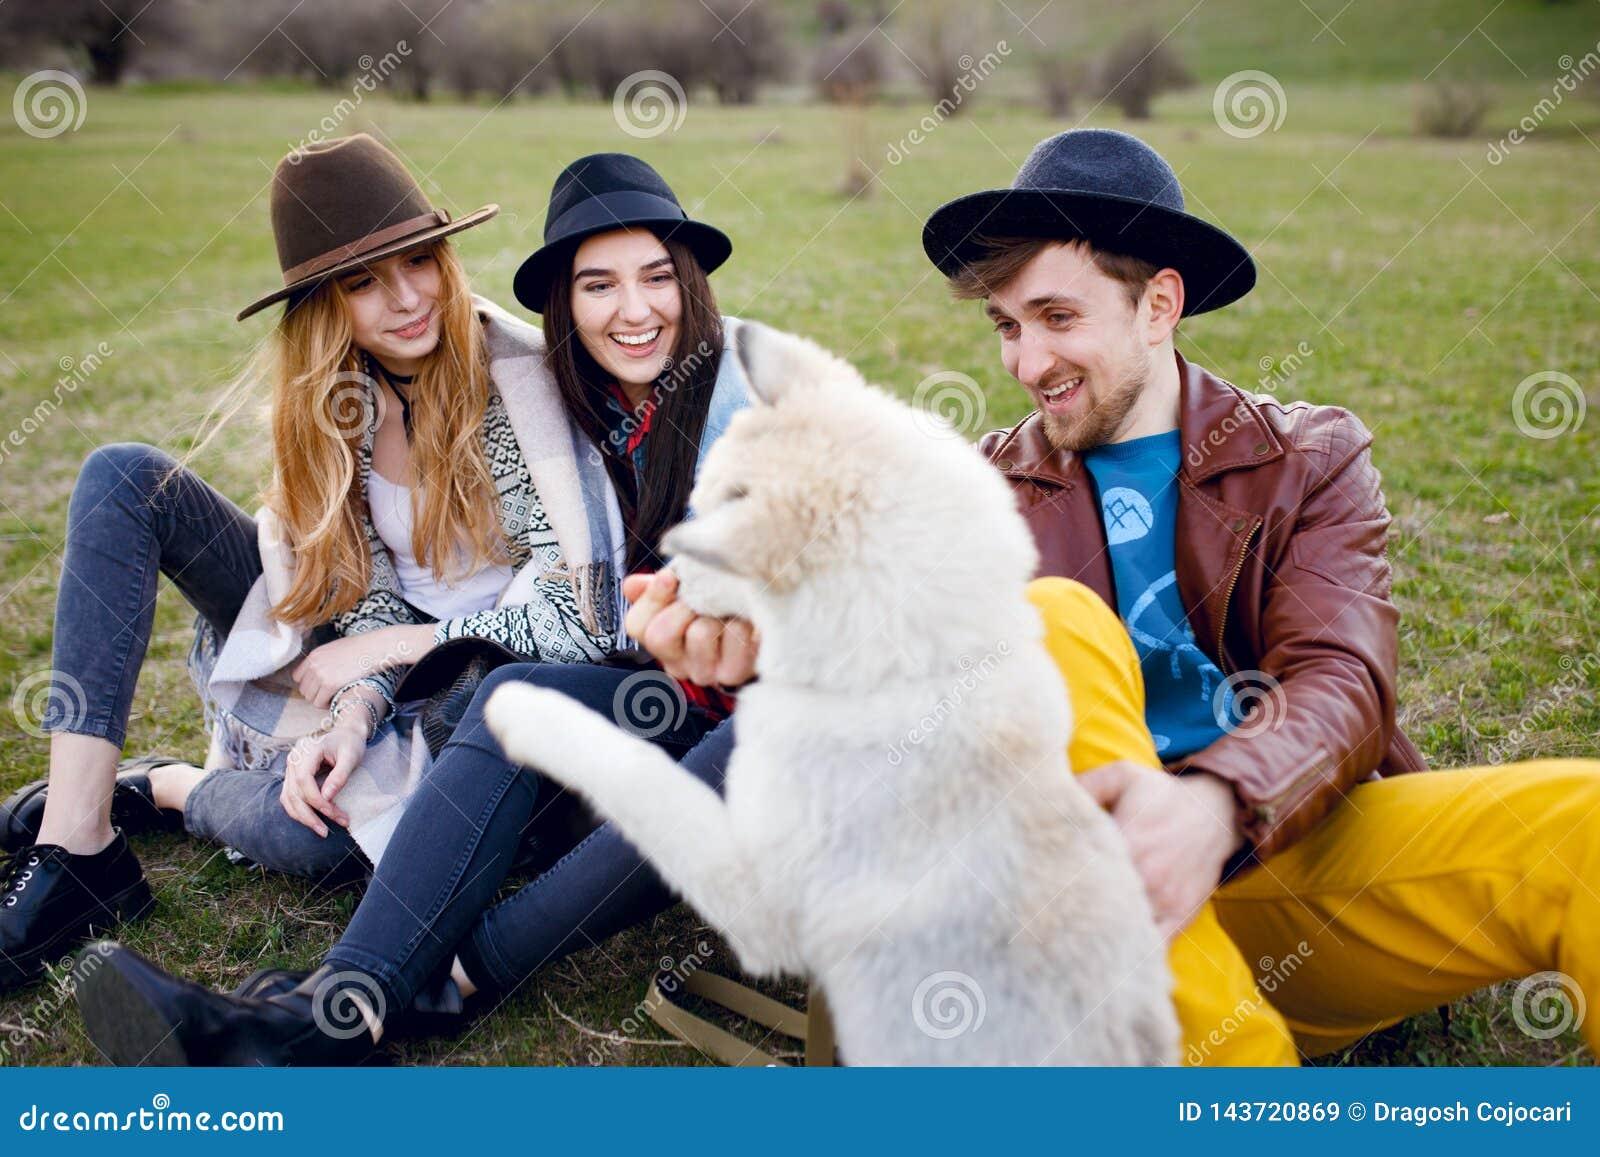 Τρεις όμορφοι νέοι μοντέρνοι φίλοι ξοδεύουν το χρόνο υπαίθρια μαζί με τη γεροδεμένη συνεδρίαση σκυλιών τους στην πράσινη χλόη